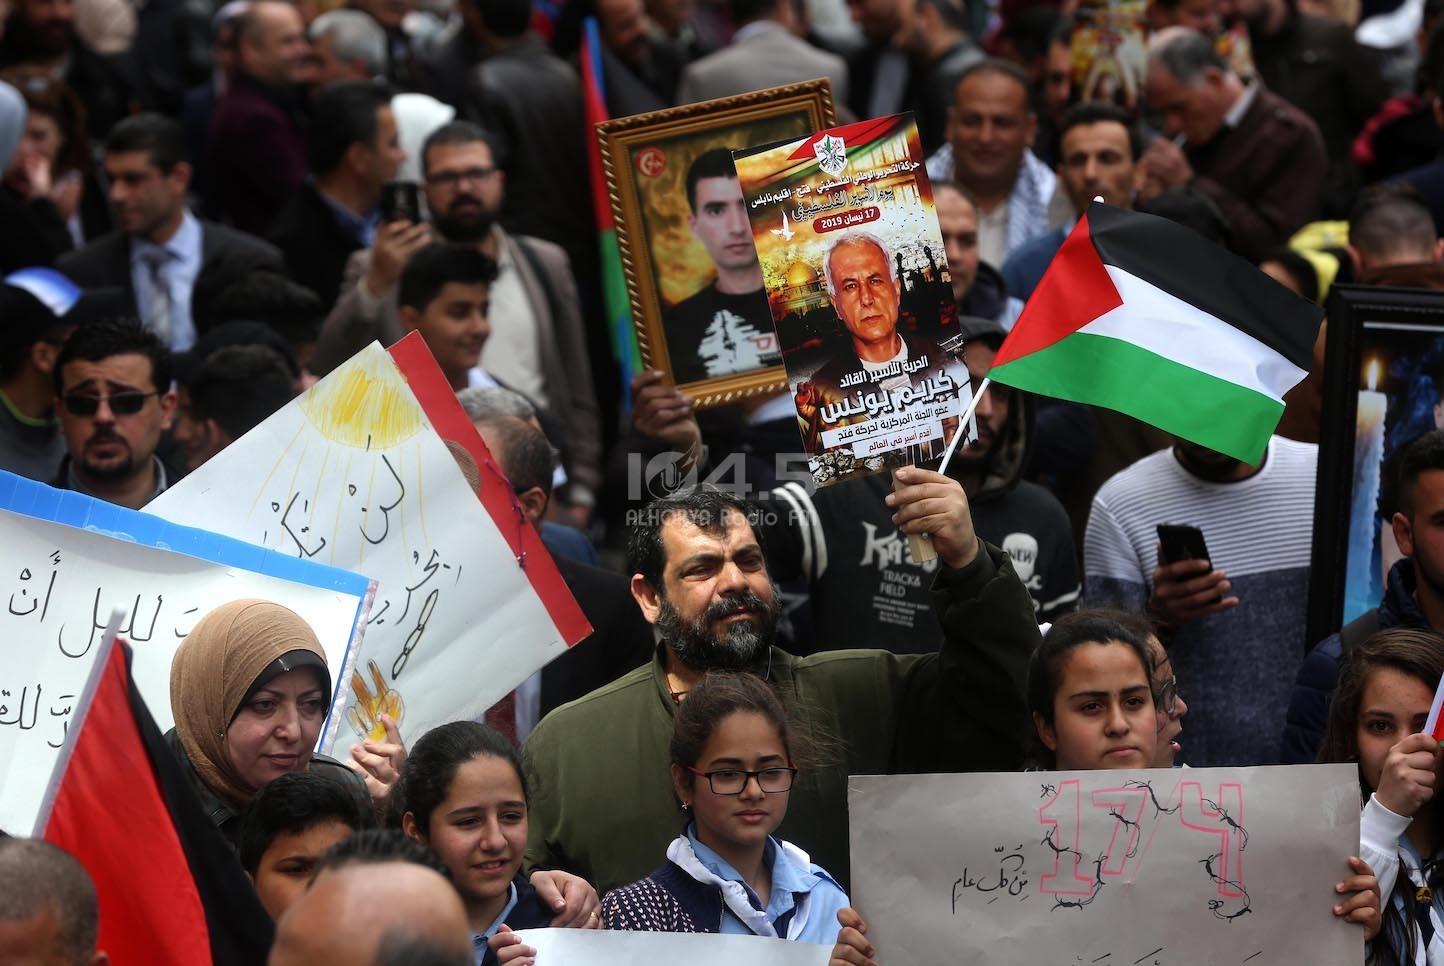 صور: نابلس - مسيرة حاشدة لمناسبة يوم الأسير الفلسطيني